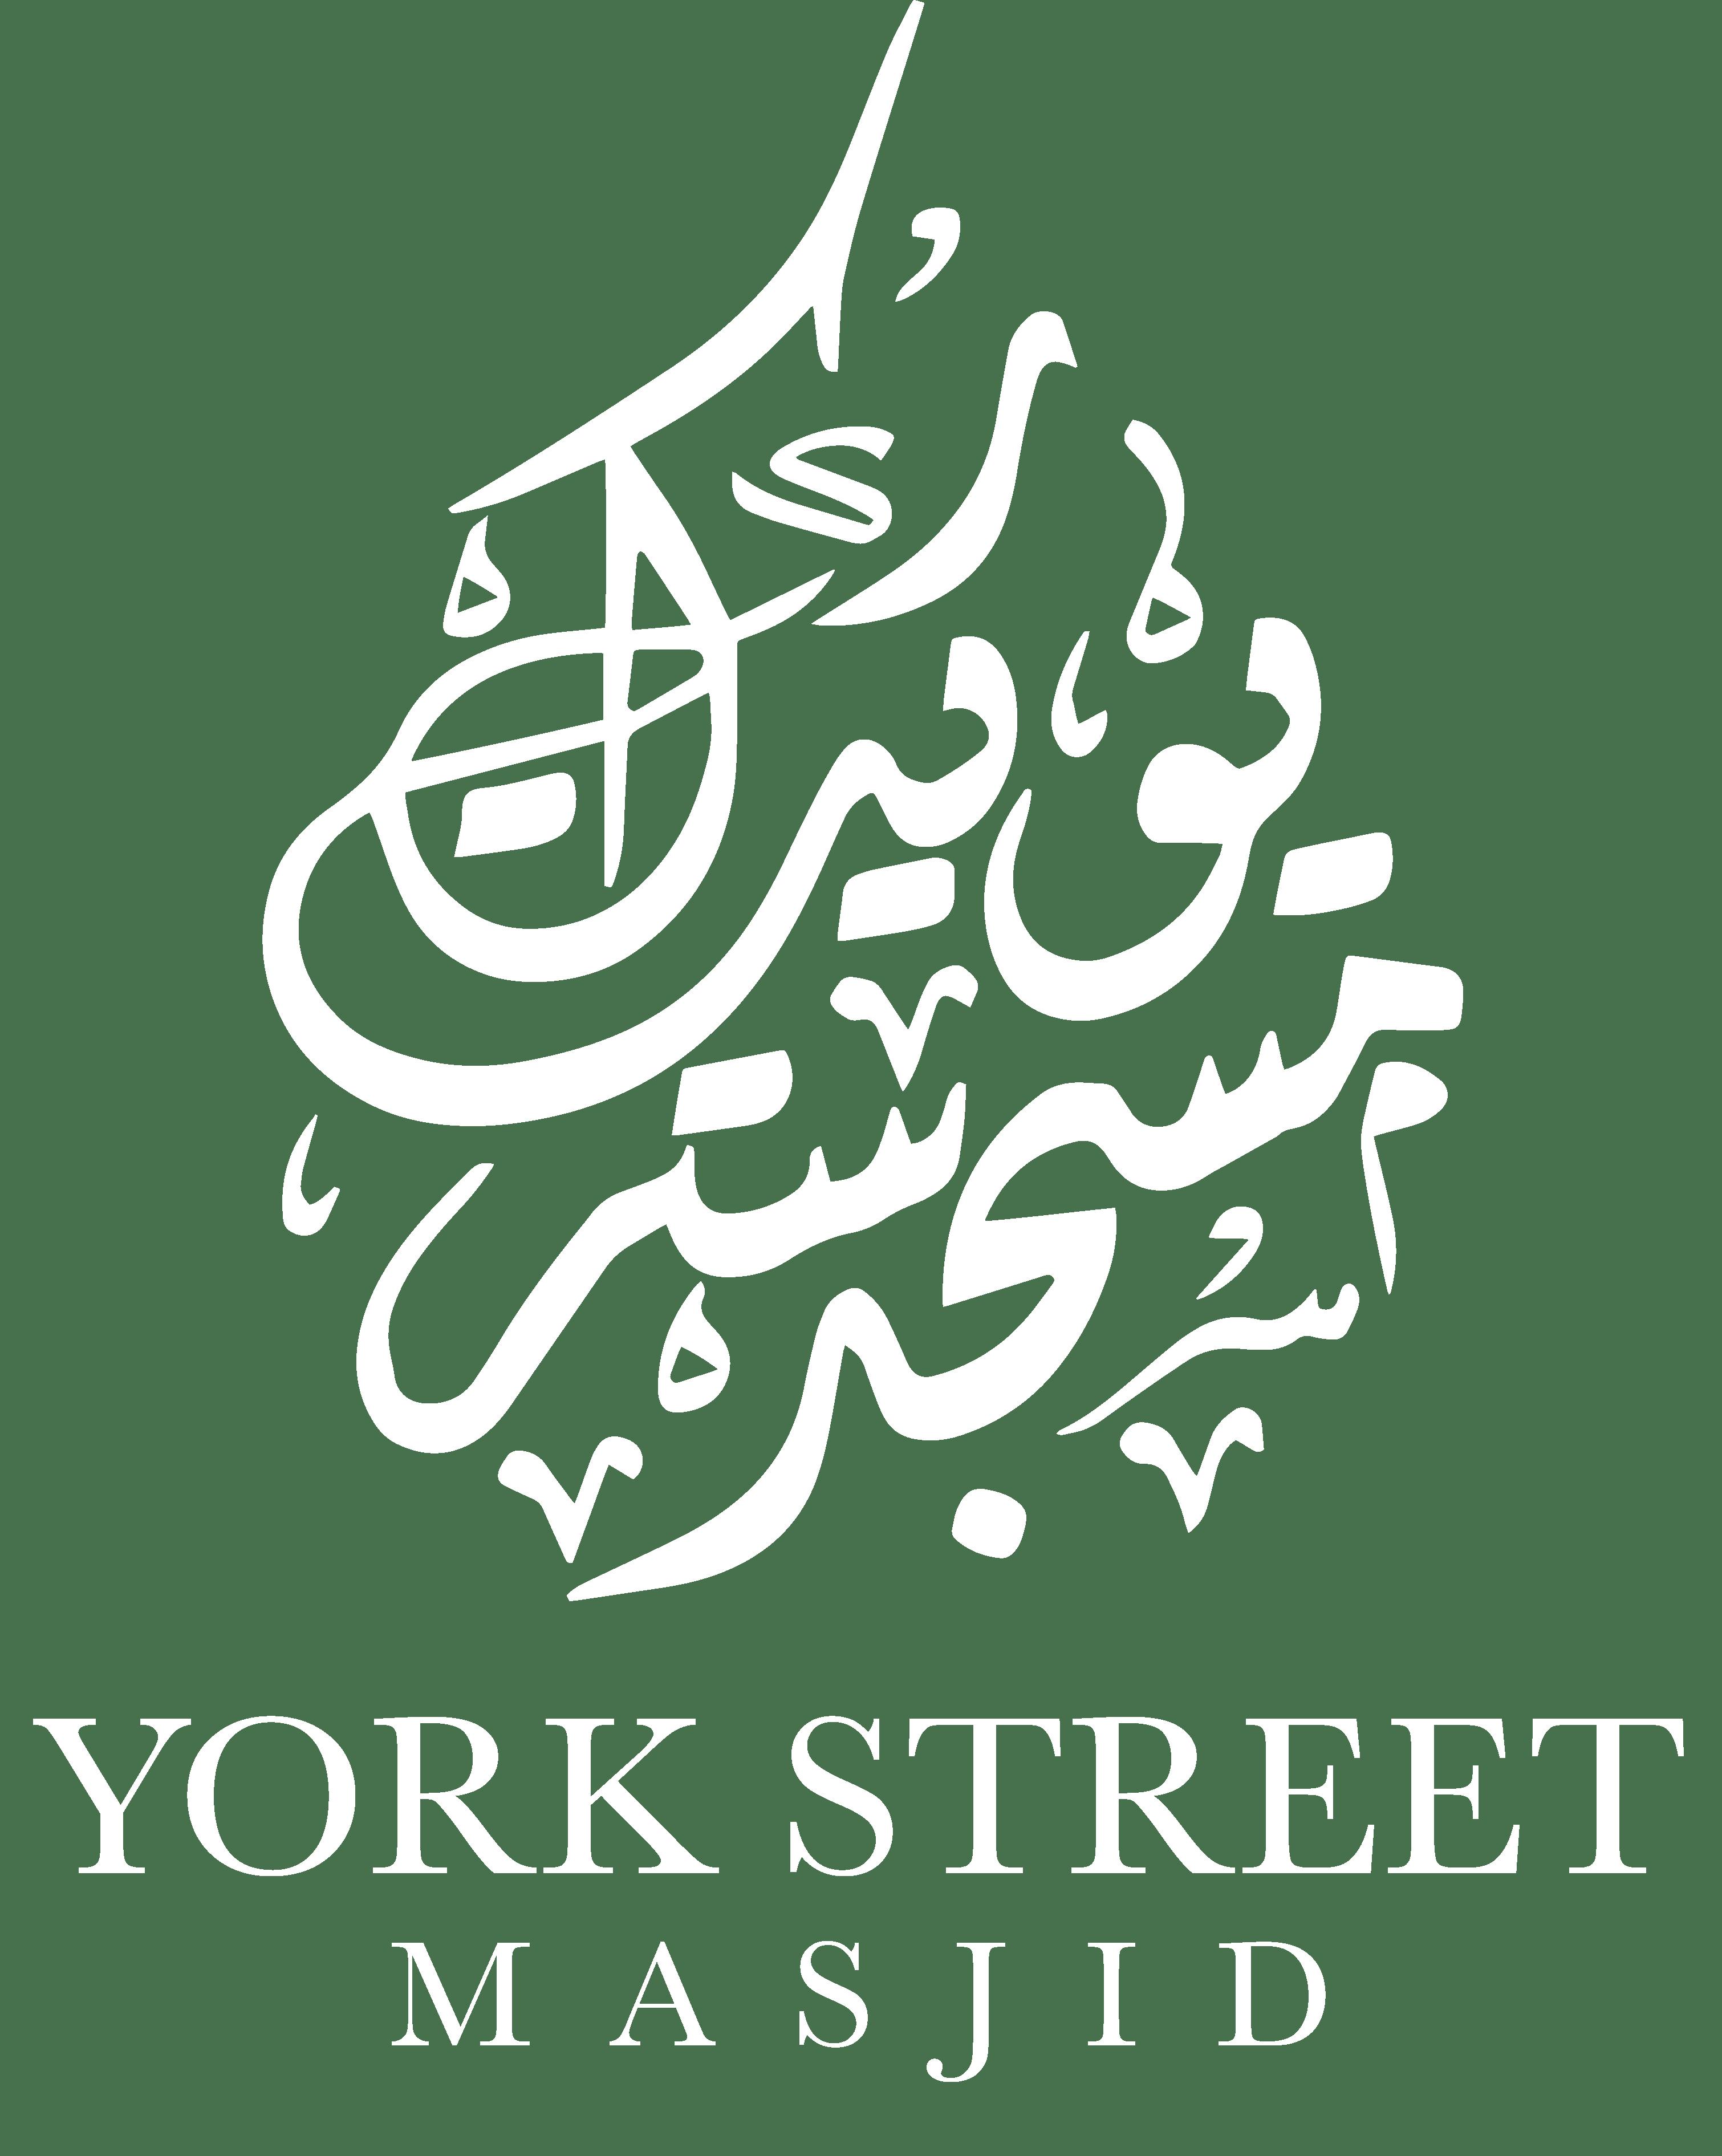 York Street Masjid